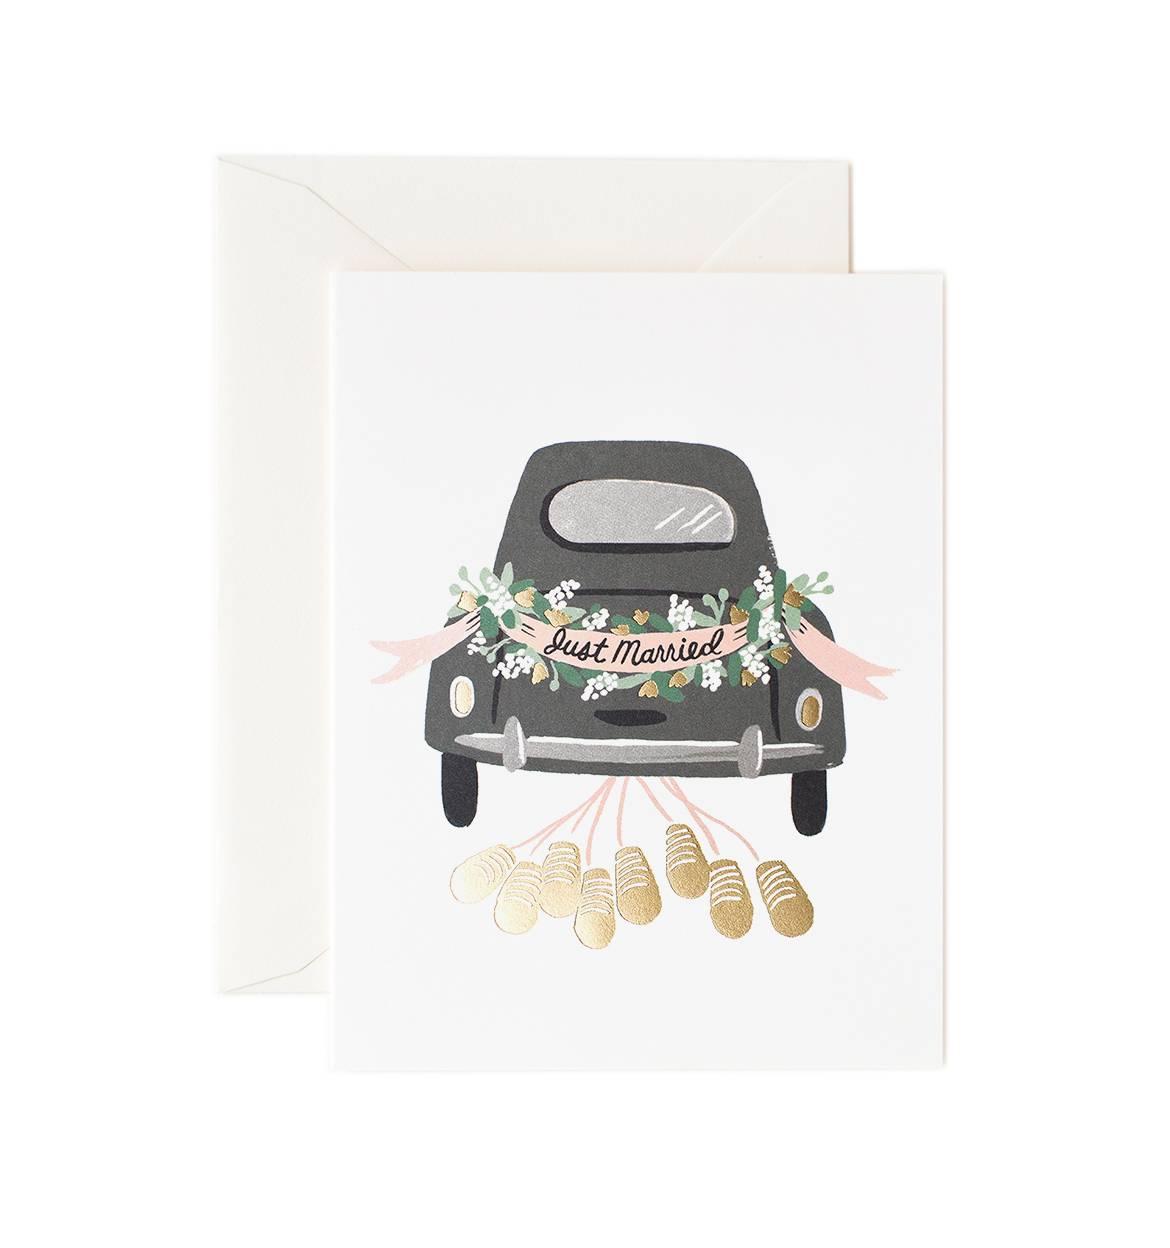 just-married-getaway-wedding-greeting-card-single-02_2.jpg